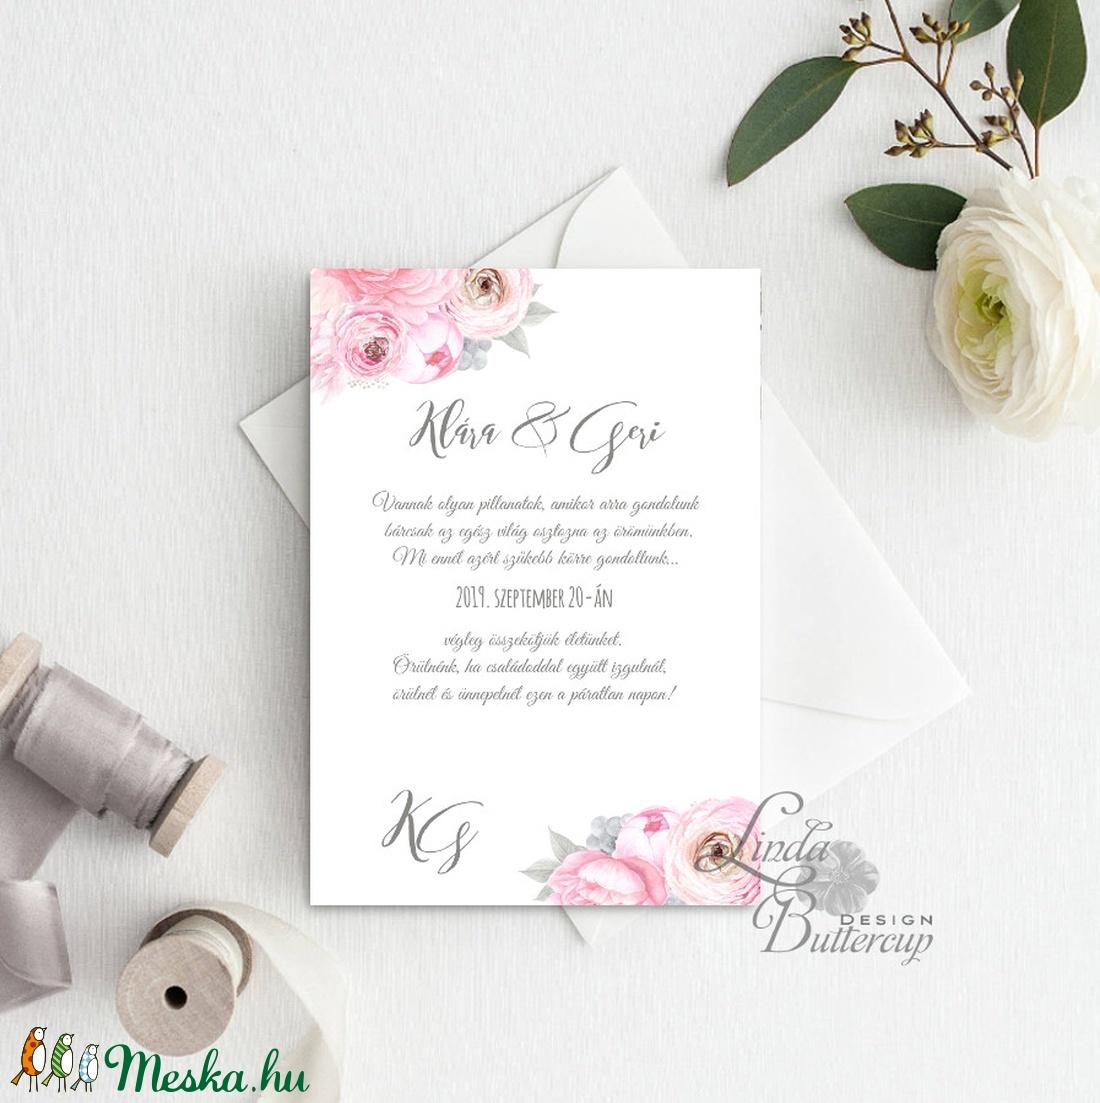 Virágos Esküvői meghívó, Virágos Esküvői lap, Esküvő Képeslap, virágkoszorú, pink, bazsarózsa, rózsás, virágos meghívó - esküvő - meghívó & kártya - meghívó - Meska.hu